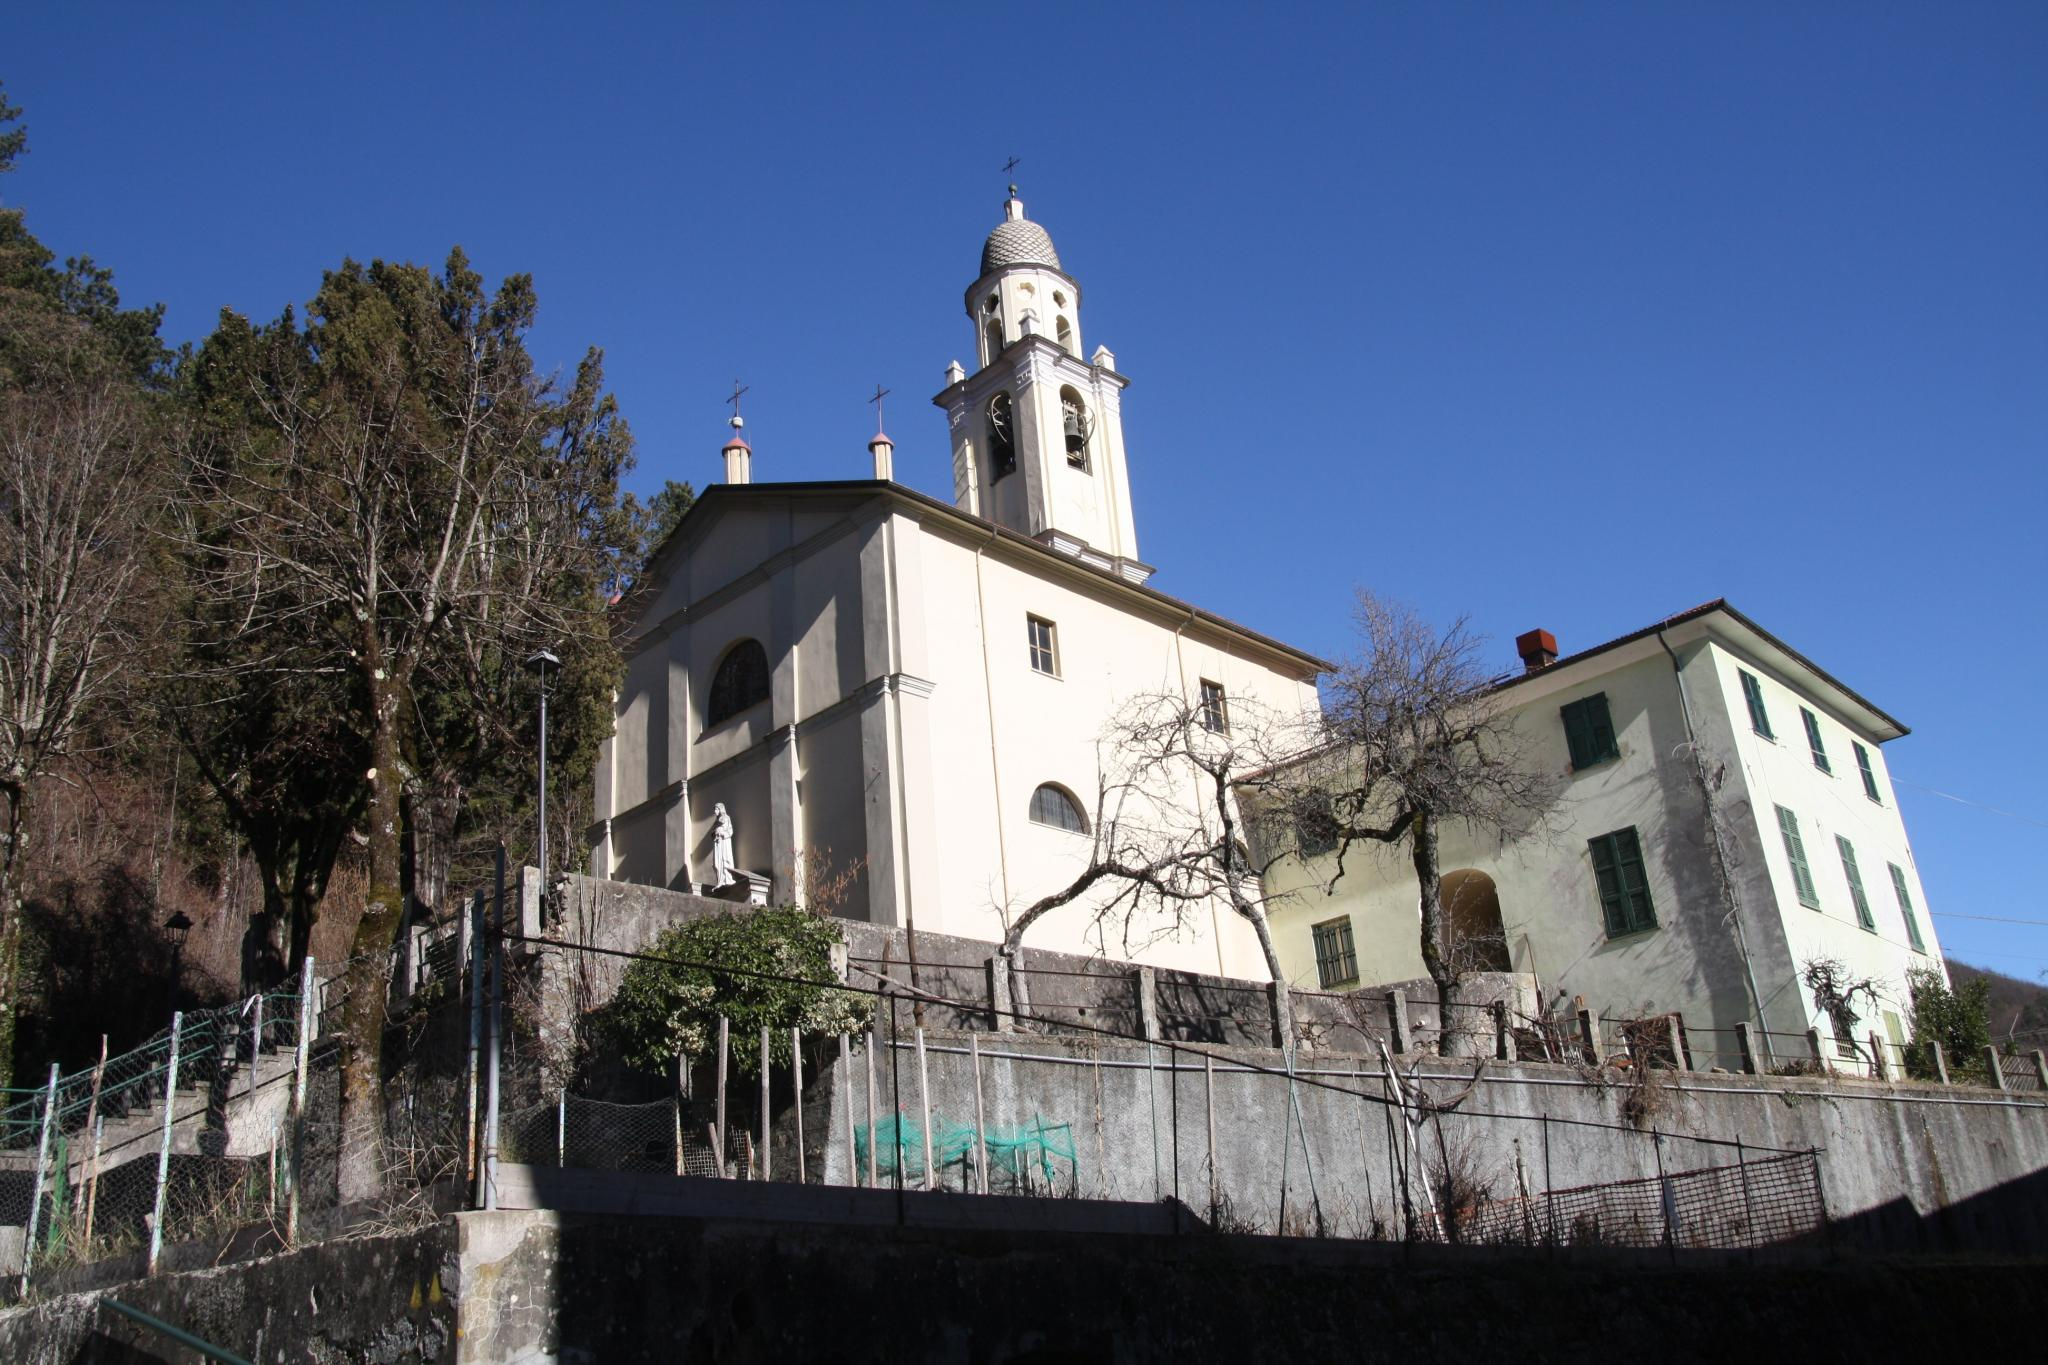 vista esterna del complesso religioso